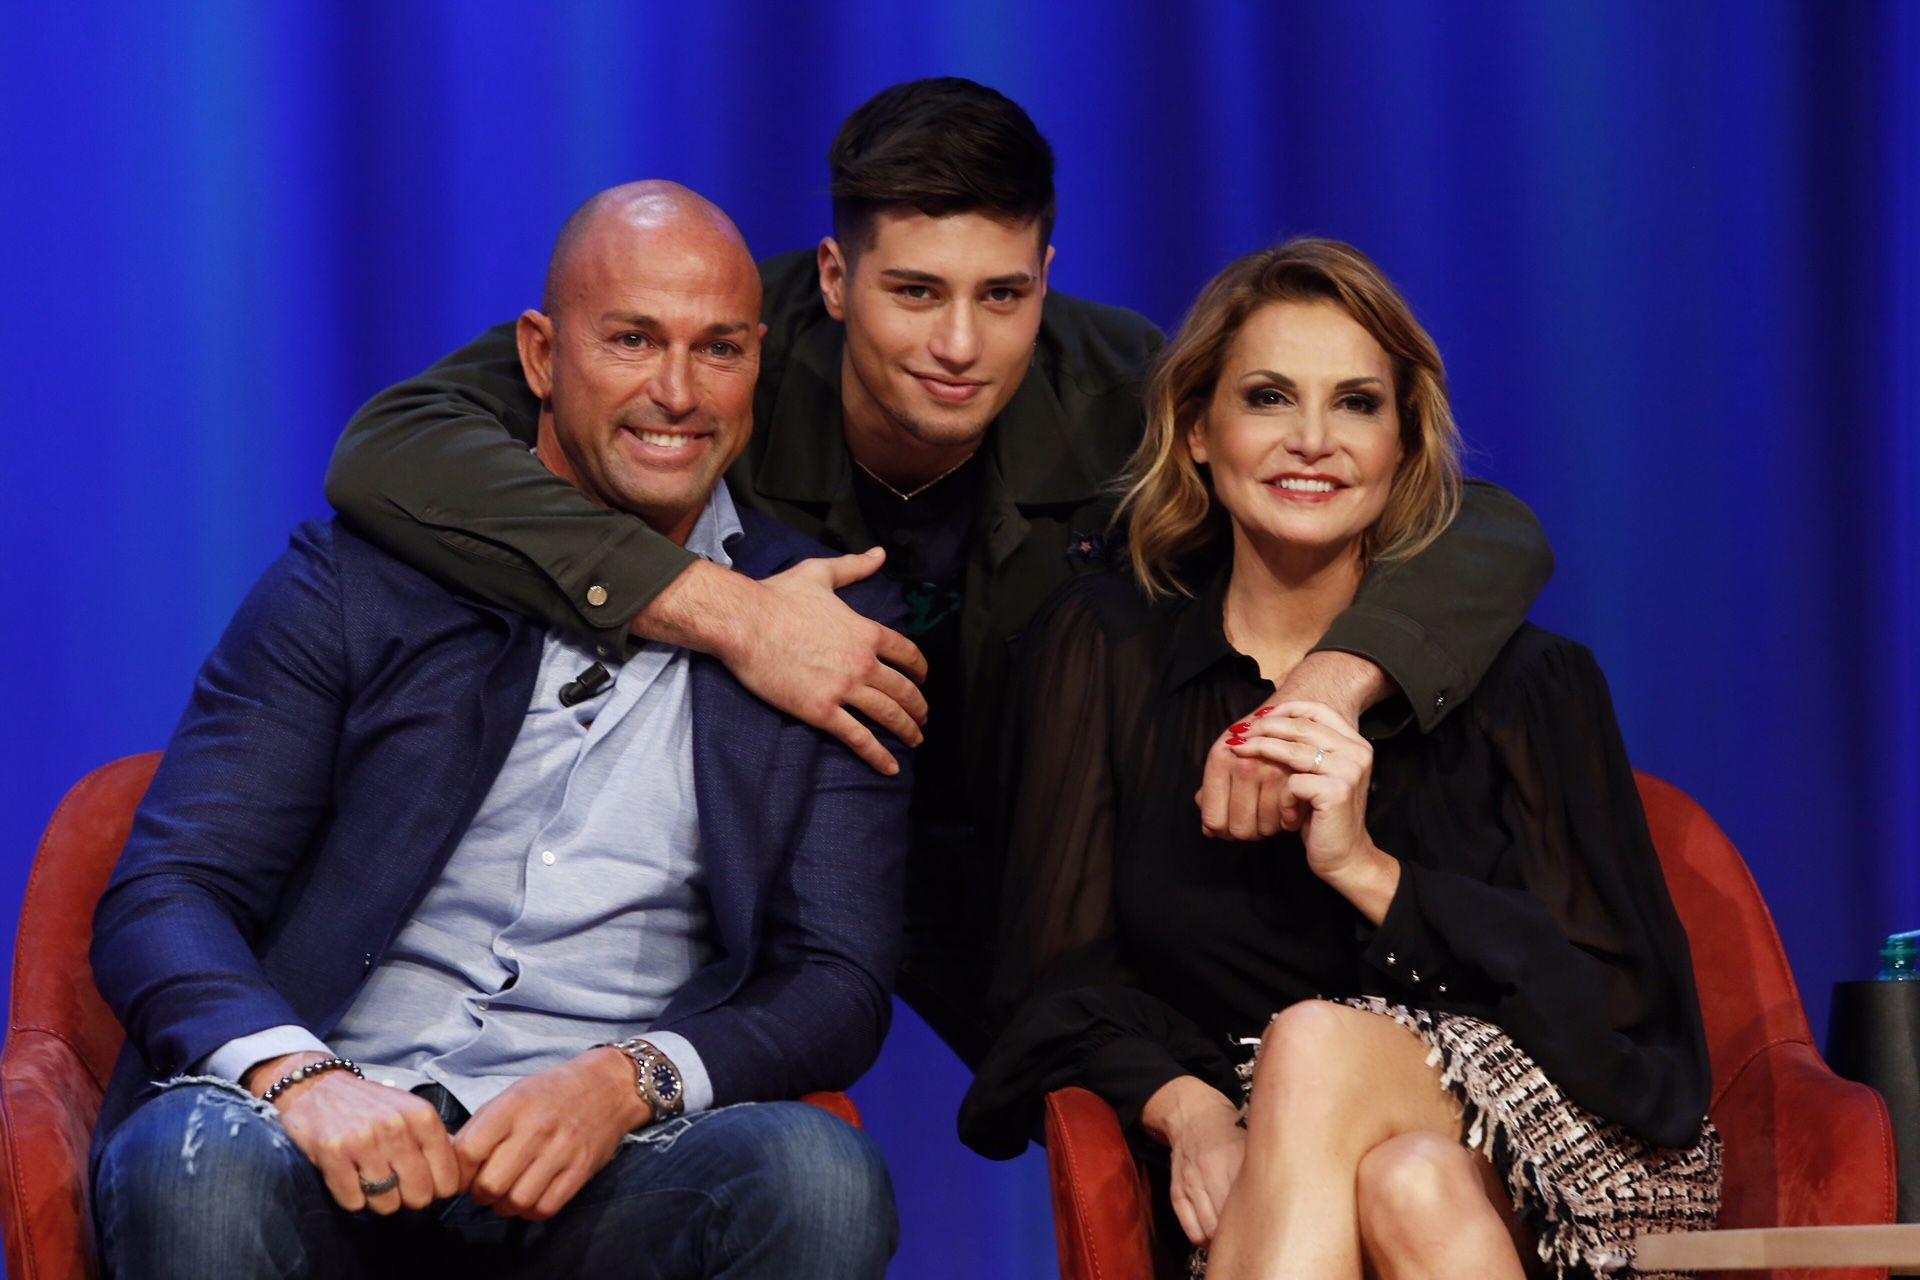 Maurizio Costanzo Show 2017, prima puntata 9 novembre: ospiti Stefano Bettarini, Simona Ventura e il figlio Niccolò